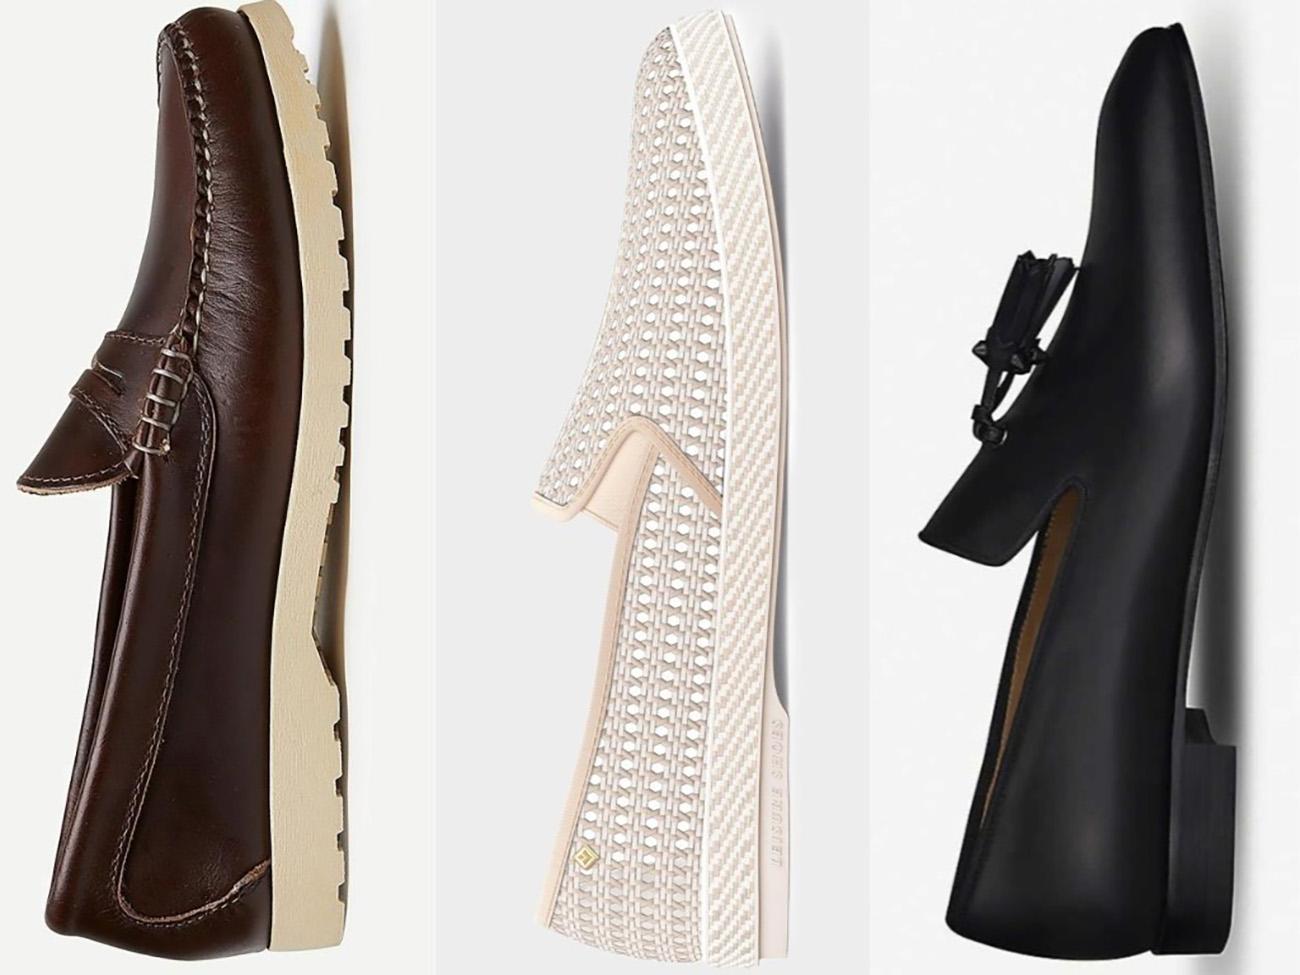 Loafers: Τα στυλάτα παπούτσια που μπορείτε να φοράτε όλη μέρα